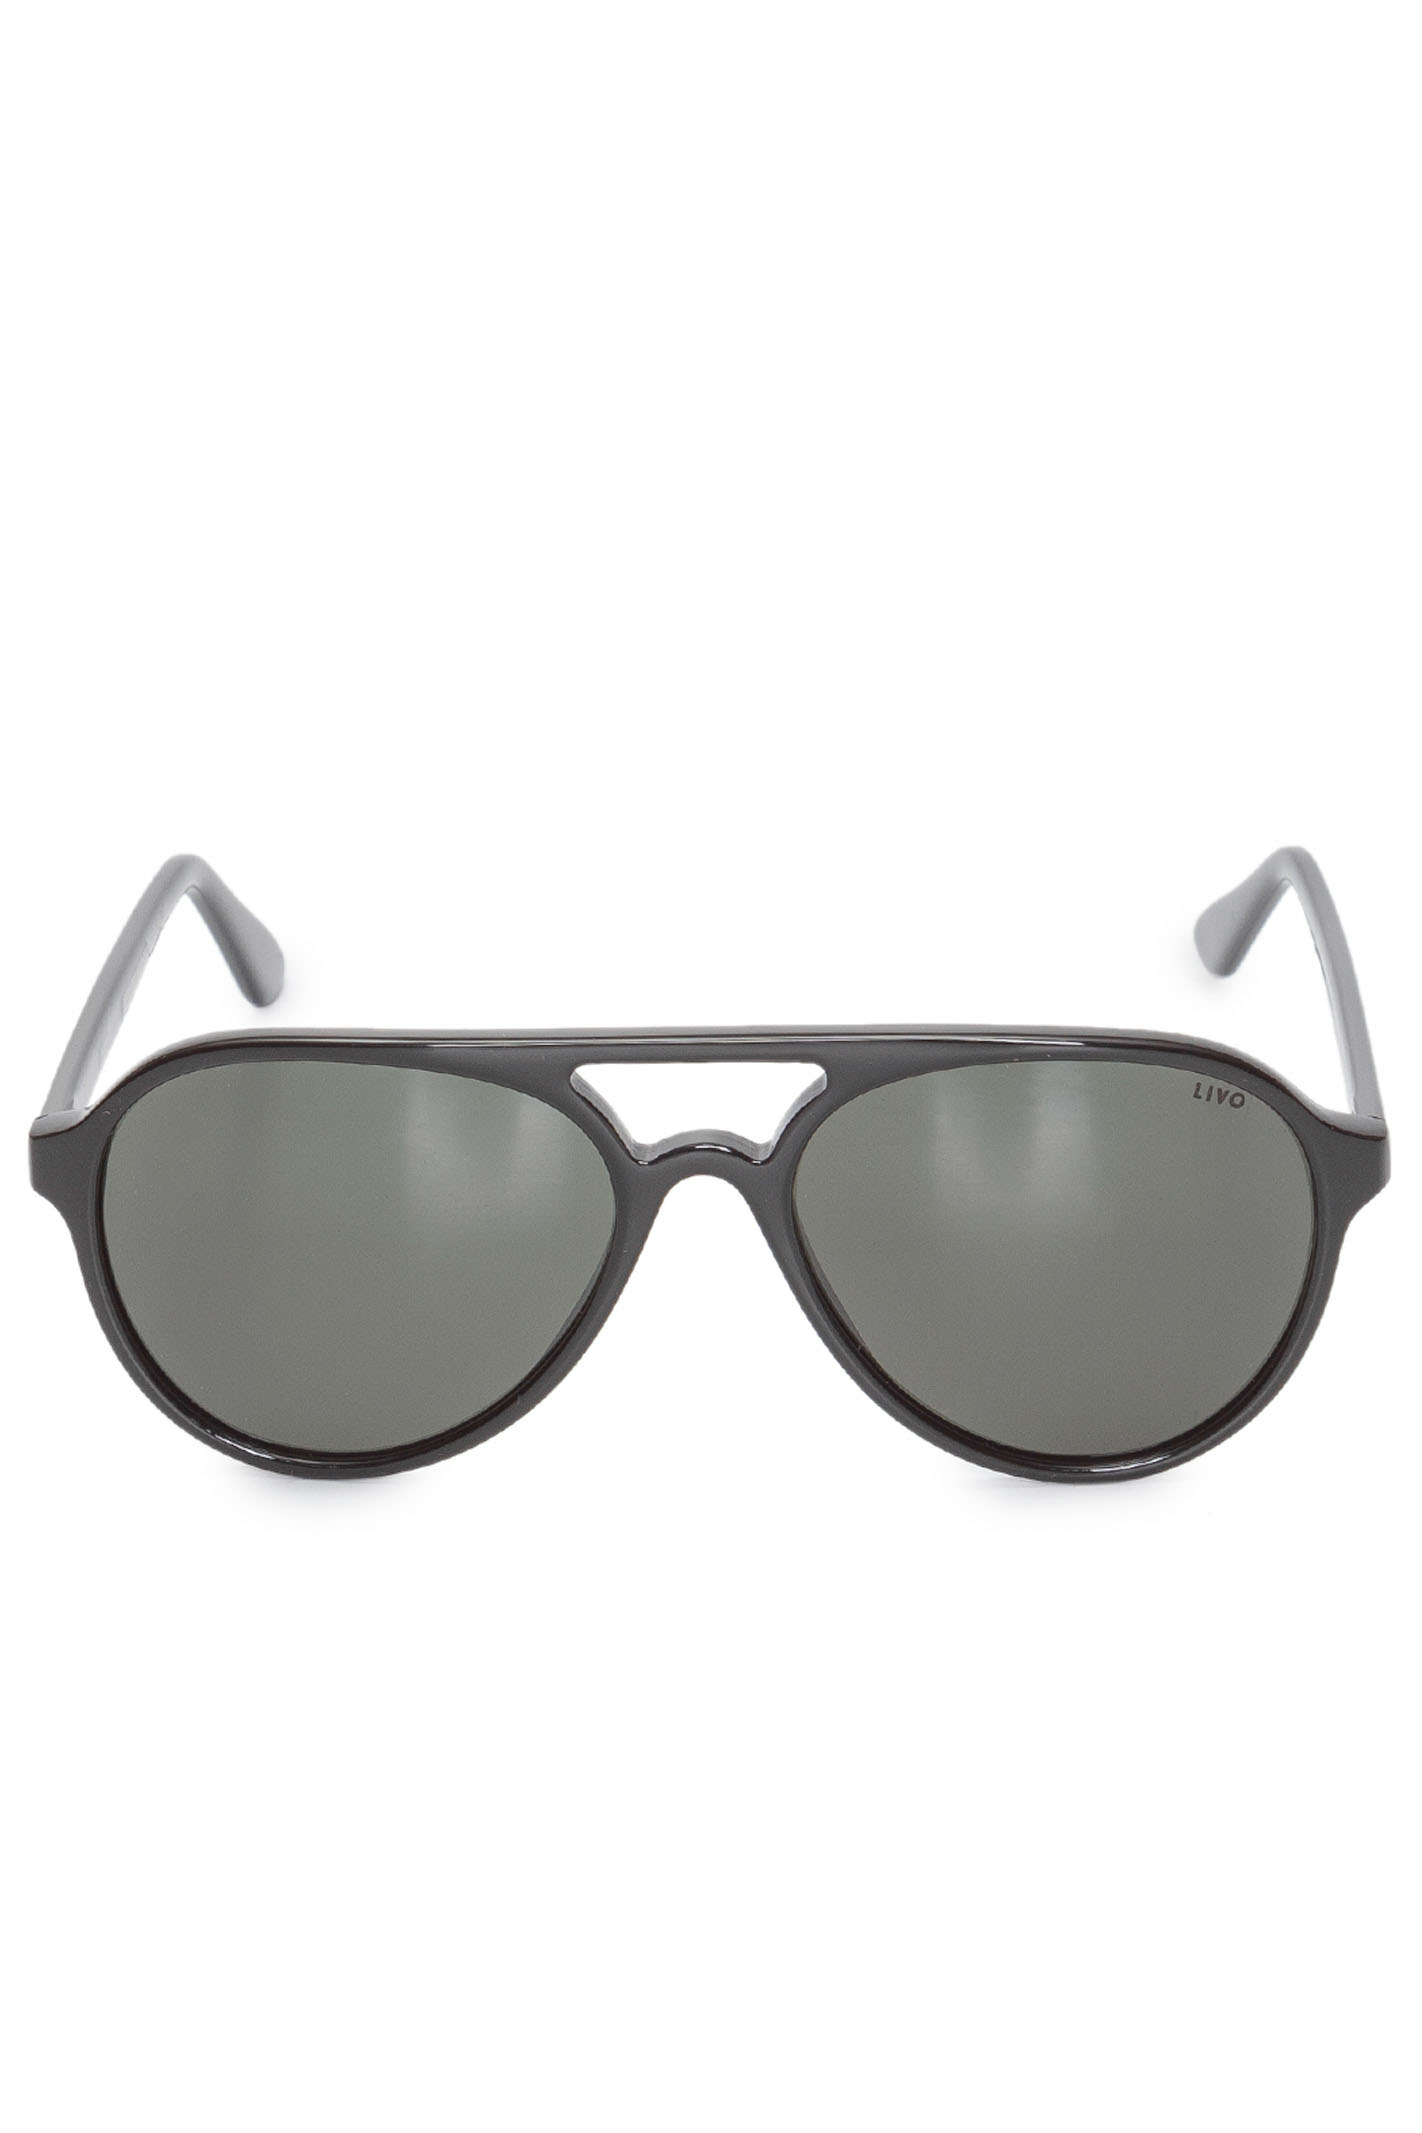 Óculos Armacao Marco Solar Preto